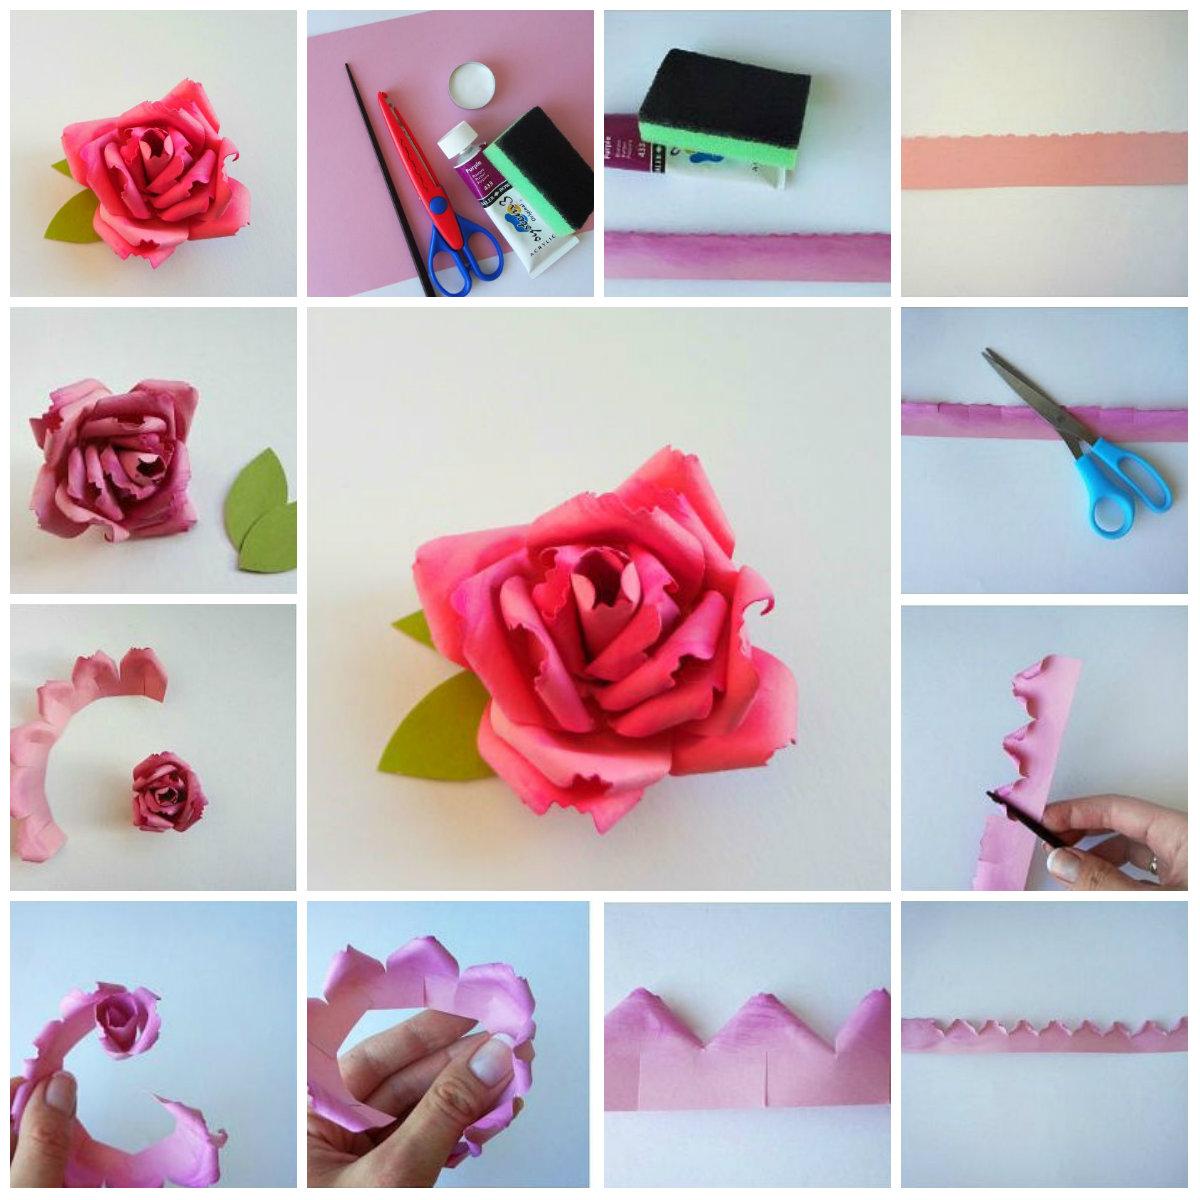 Цветы из своими руками из бумаги для открытки